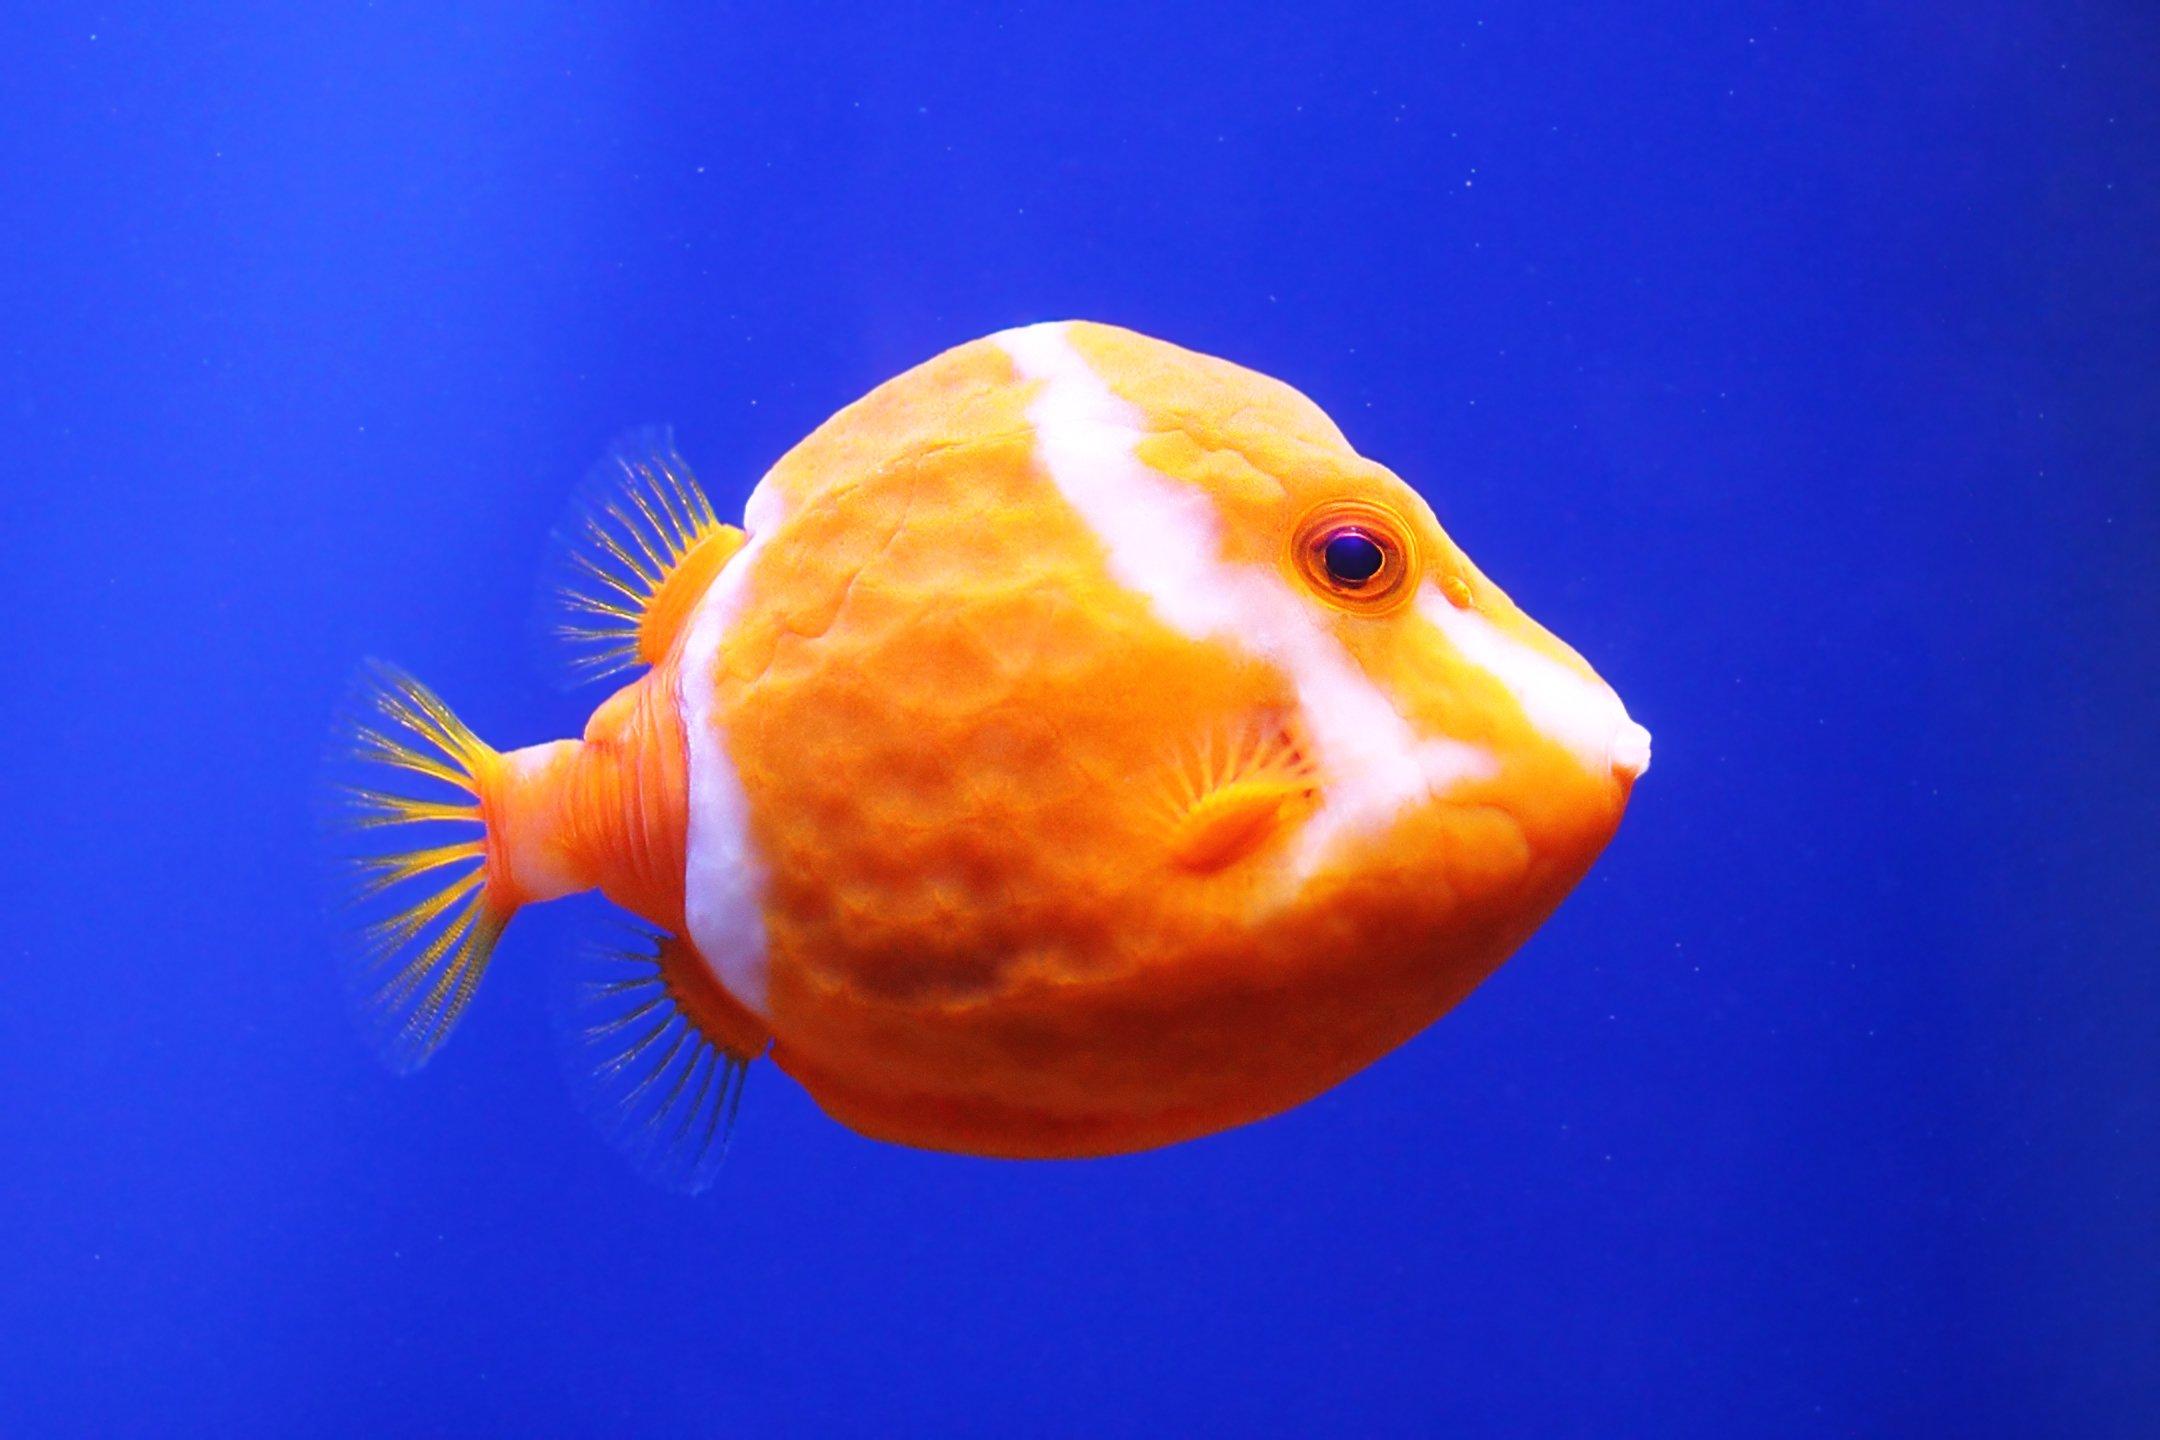 рыба, рыбка, рыбы, рыбки, вода, плавники, fishes, underwater, fins, swim, Салтыков Дмитрий